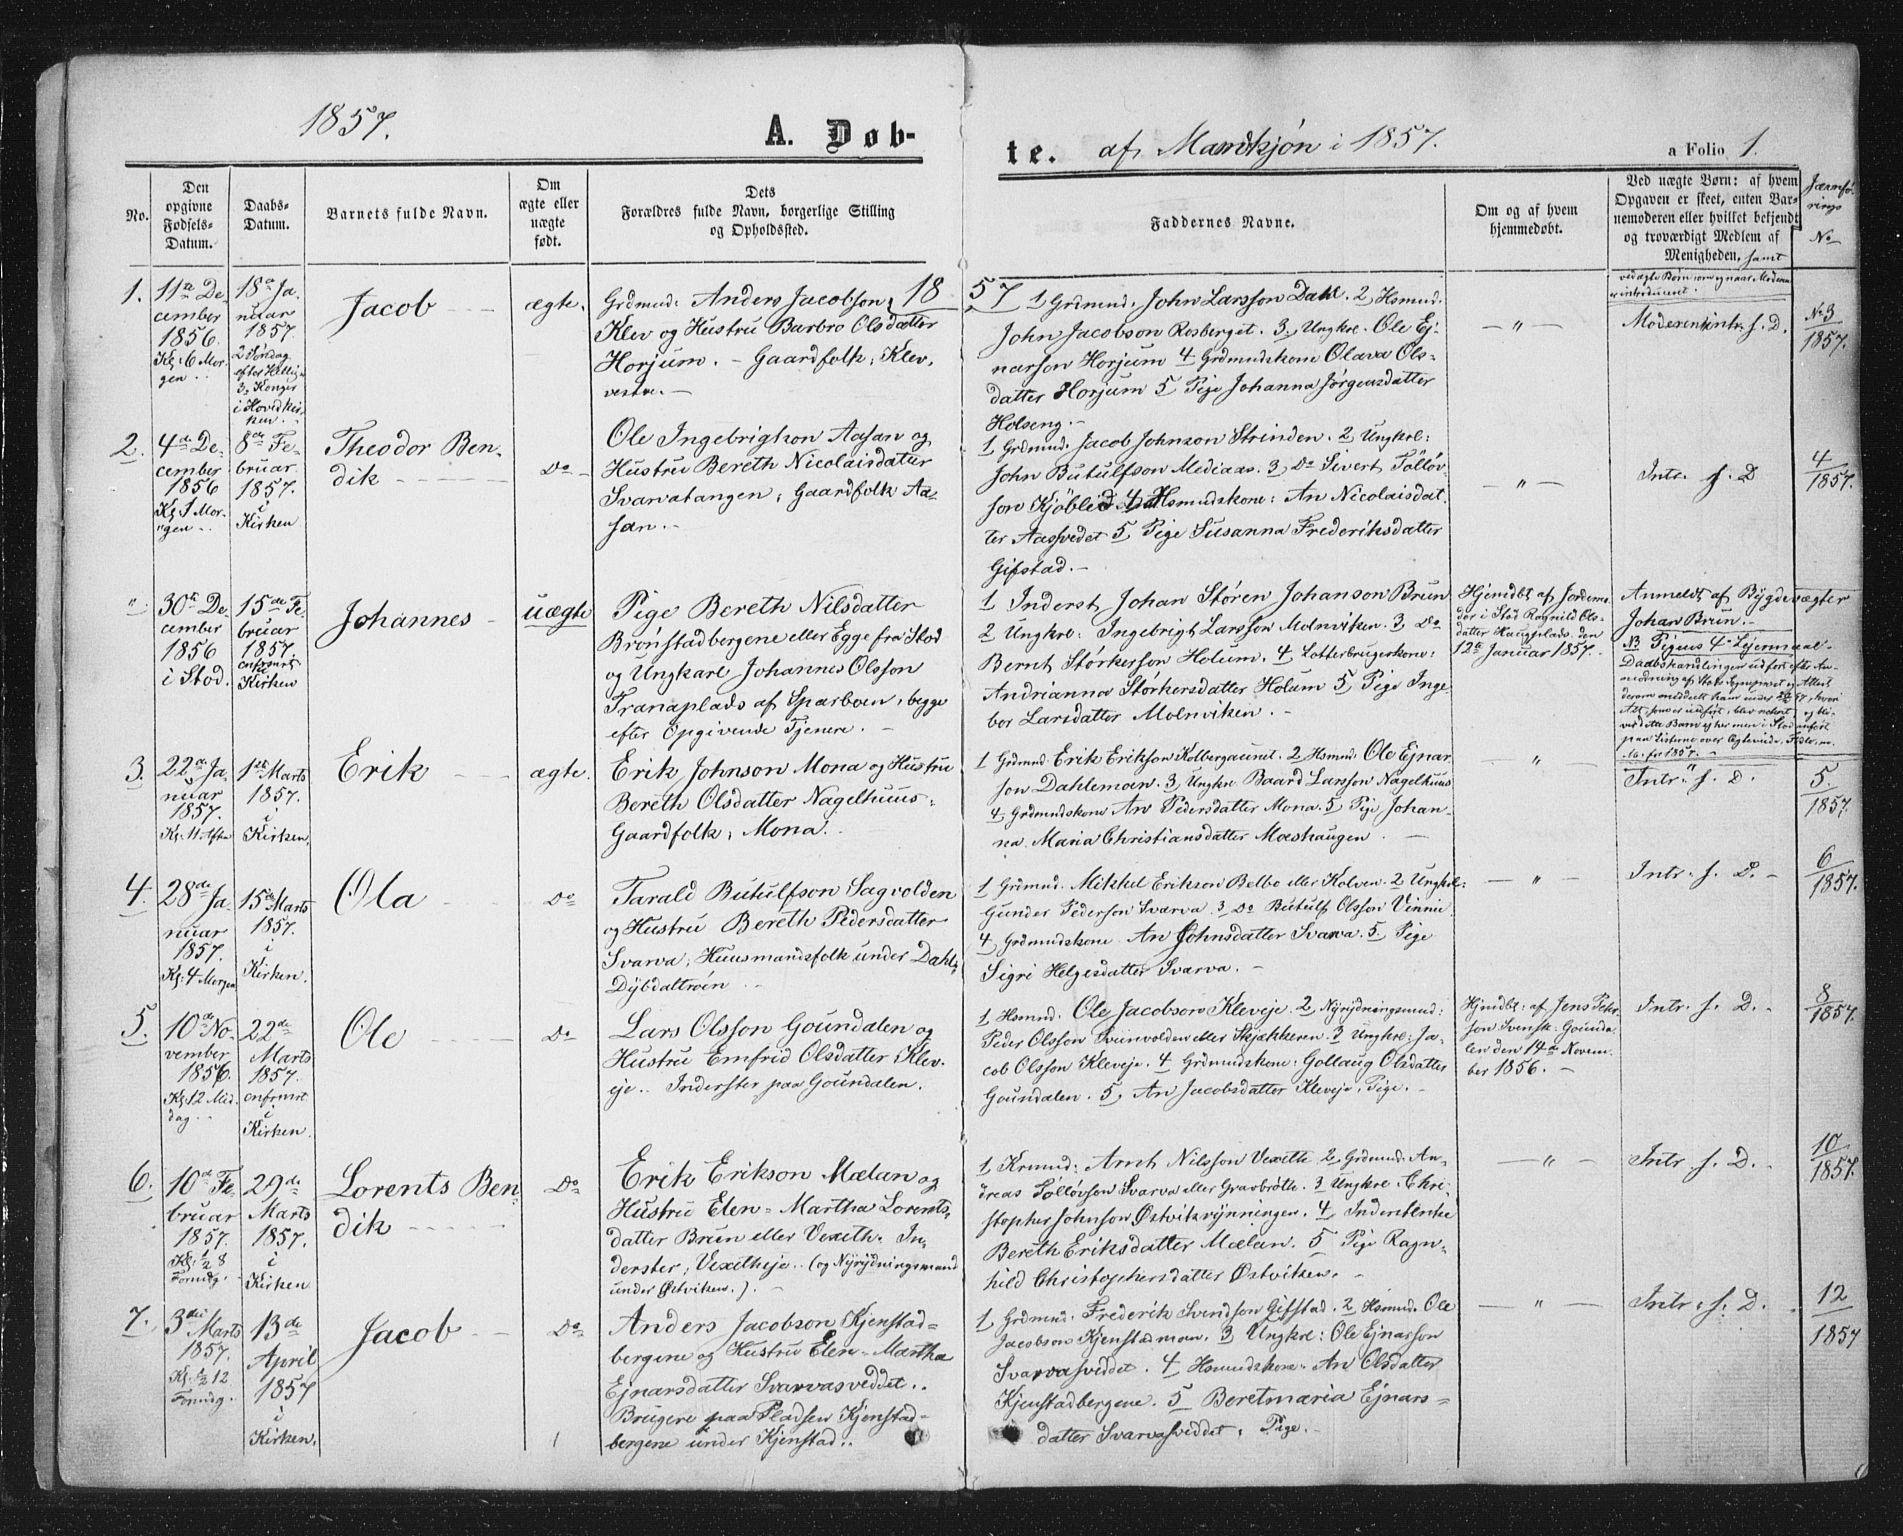 SAT, Ministerialprotokoller, klokkerbøker og fødselsregistre - Nord-Trøndelag, 749/L0472: Ministerialbok nr. 749A06, 1857-1873, s. 1